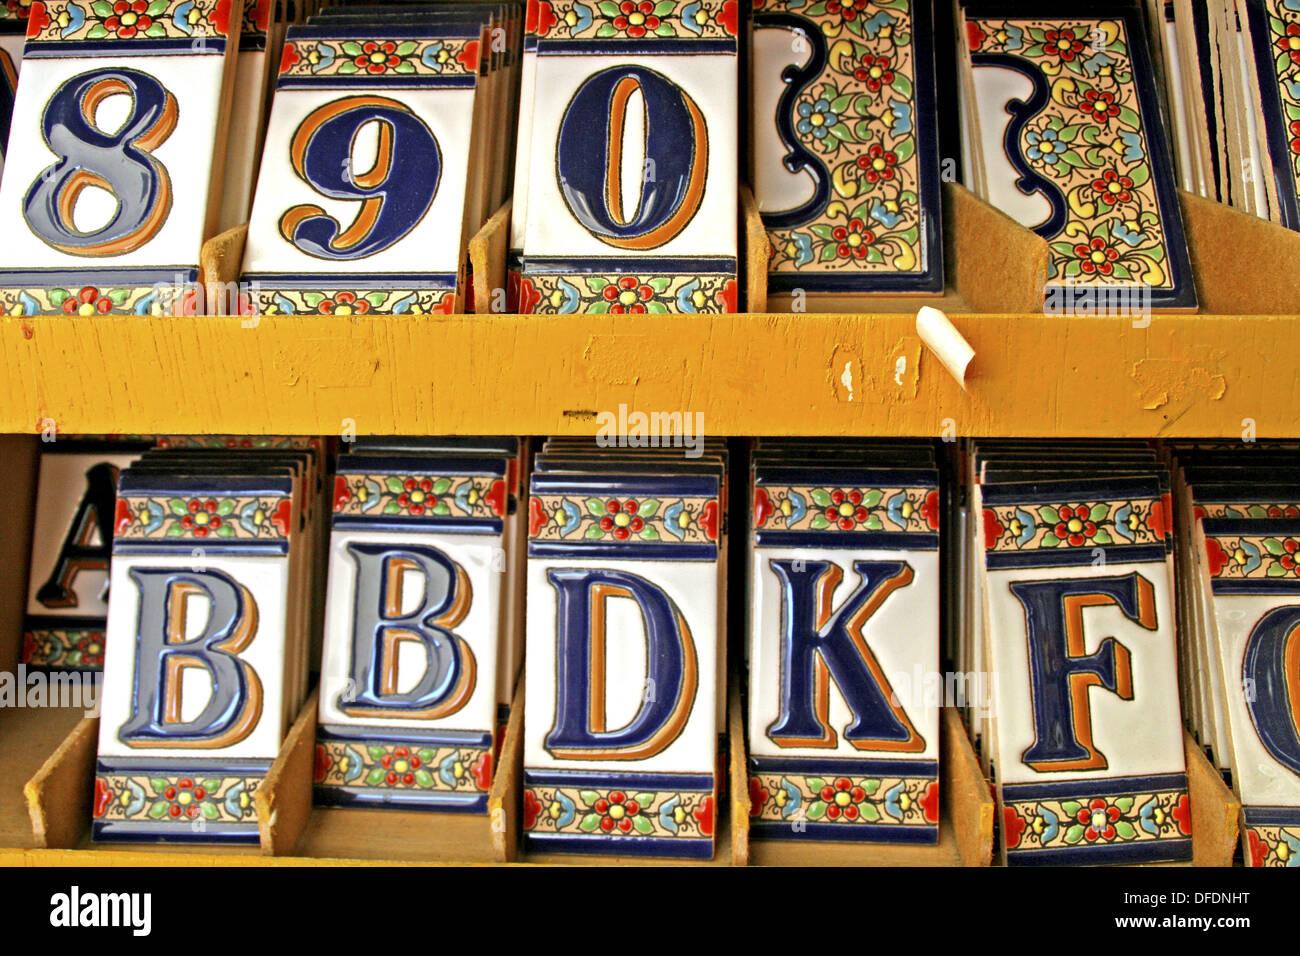 Ceramica di numeri e lettere foto immagine stock  alamy